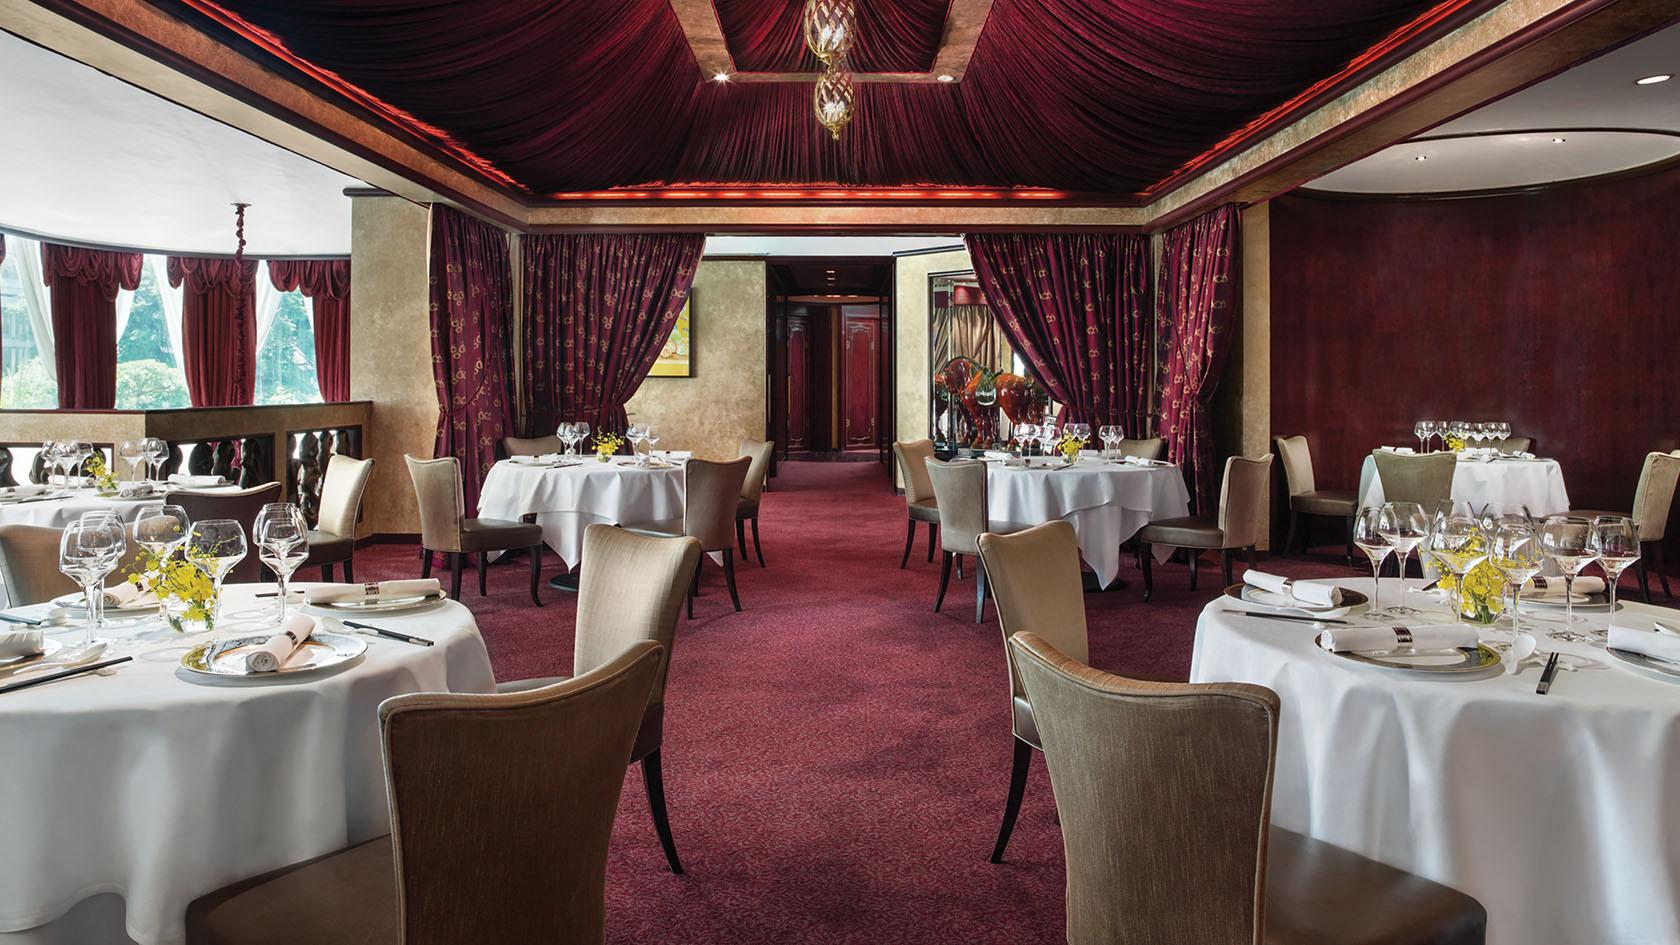 Wnętrze z bordowym dywanem, kremowymi krzesłami i białymi obrusami na stołach